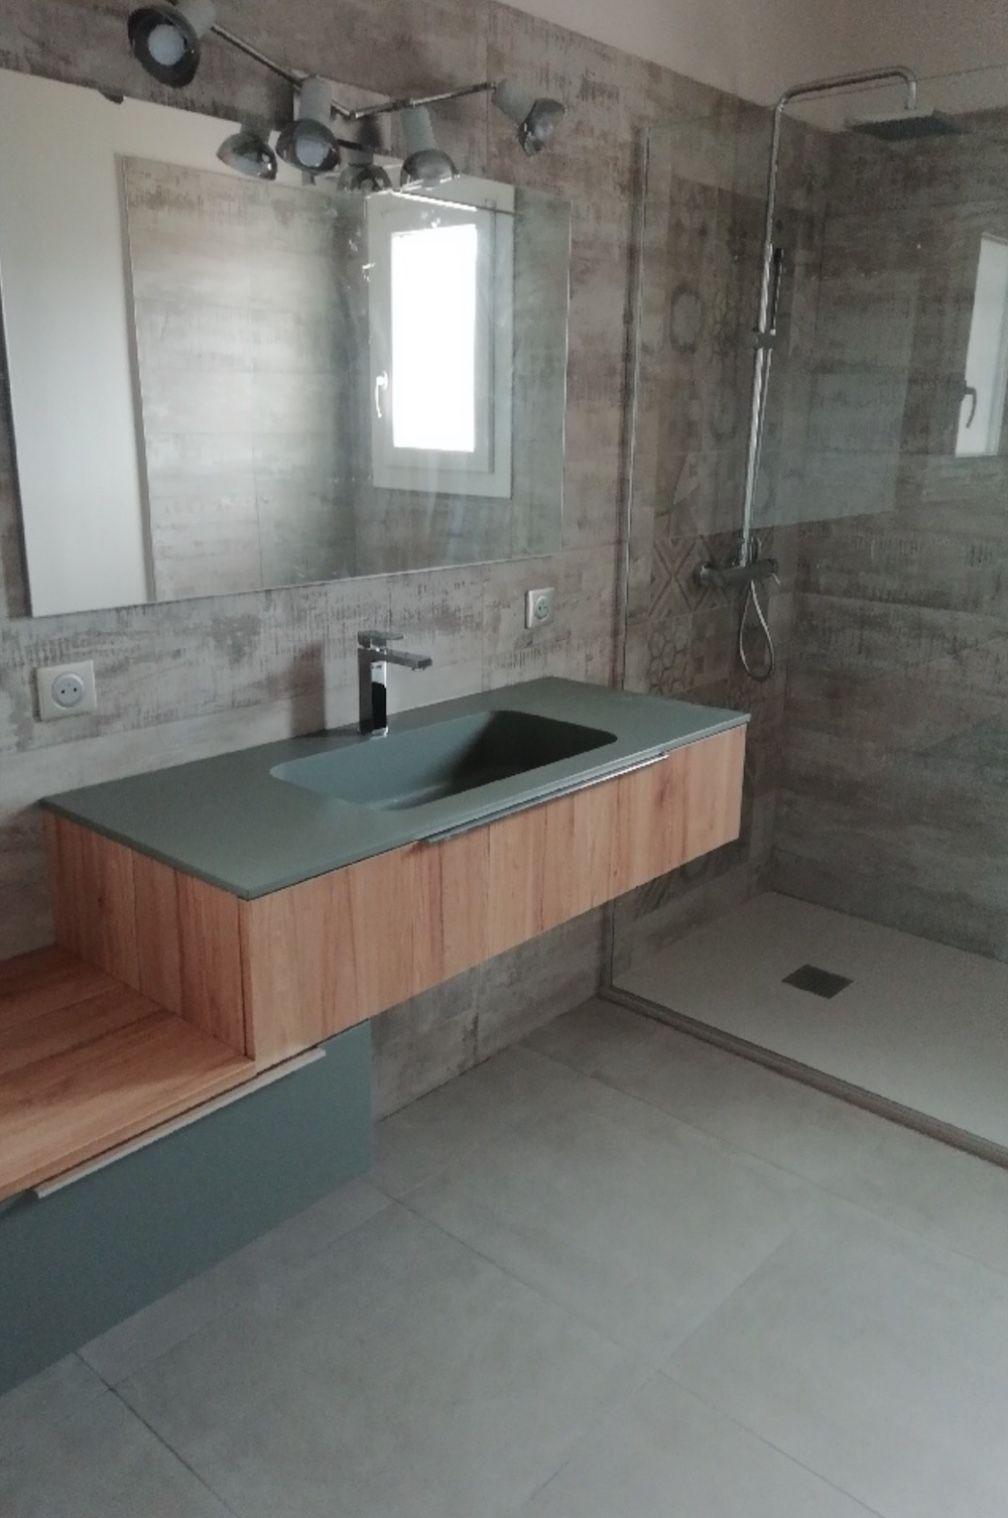 Meuble Salle De Bain Design Contemporain pour rendre votre salle de bain design et moderne, optez